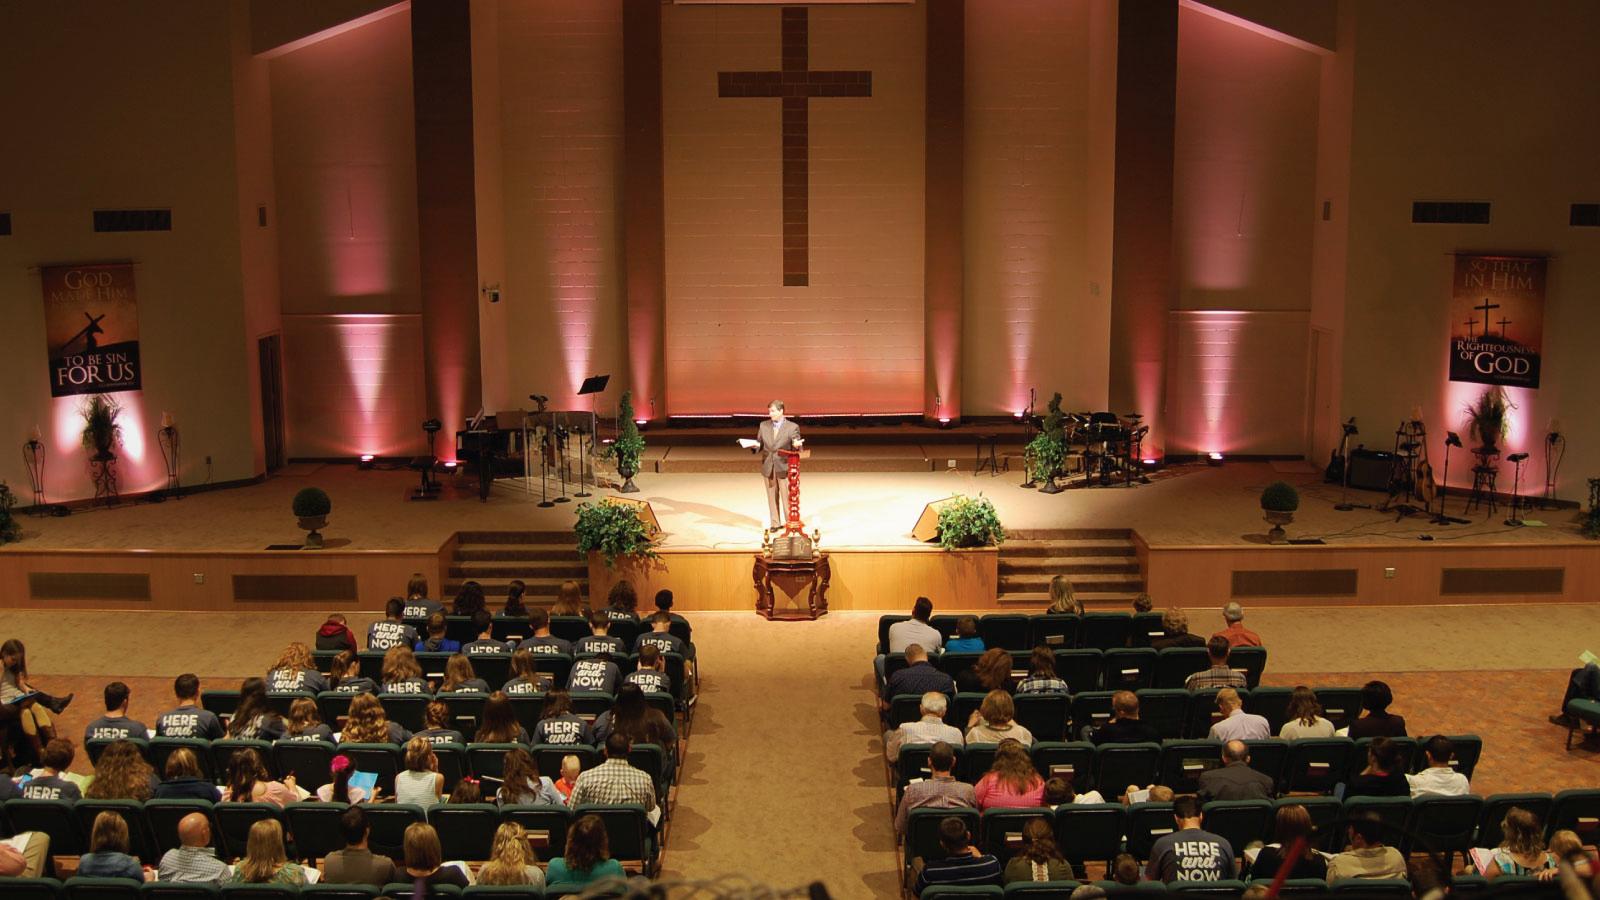 preaching-auditorium